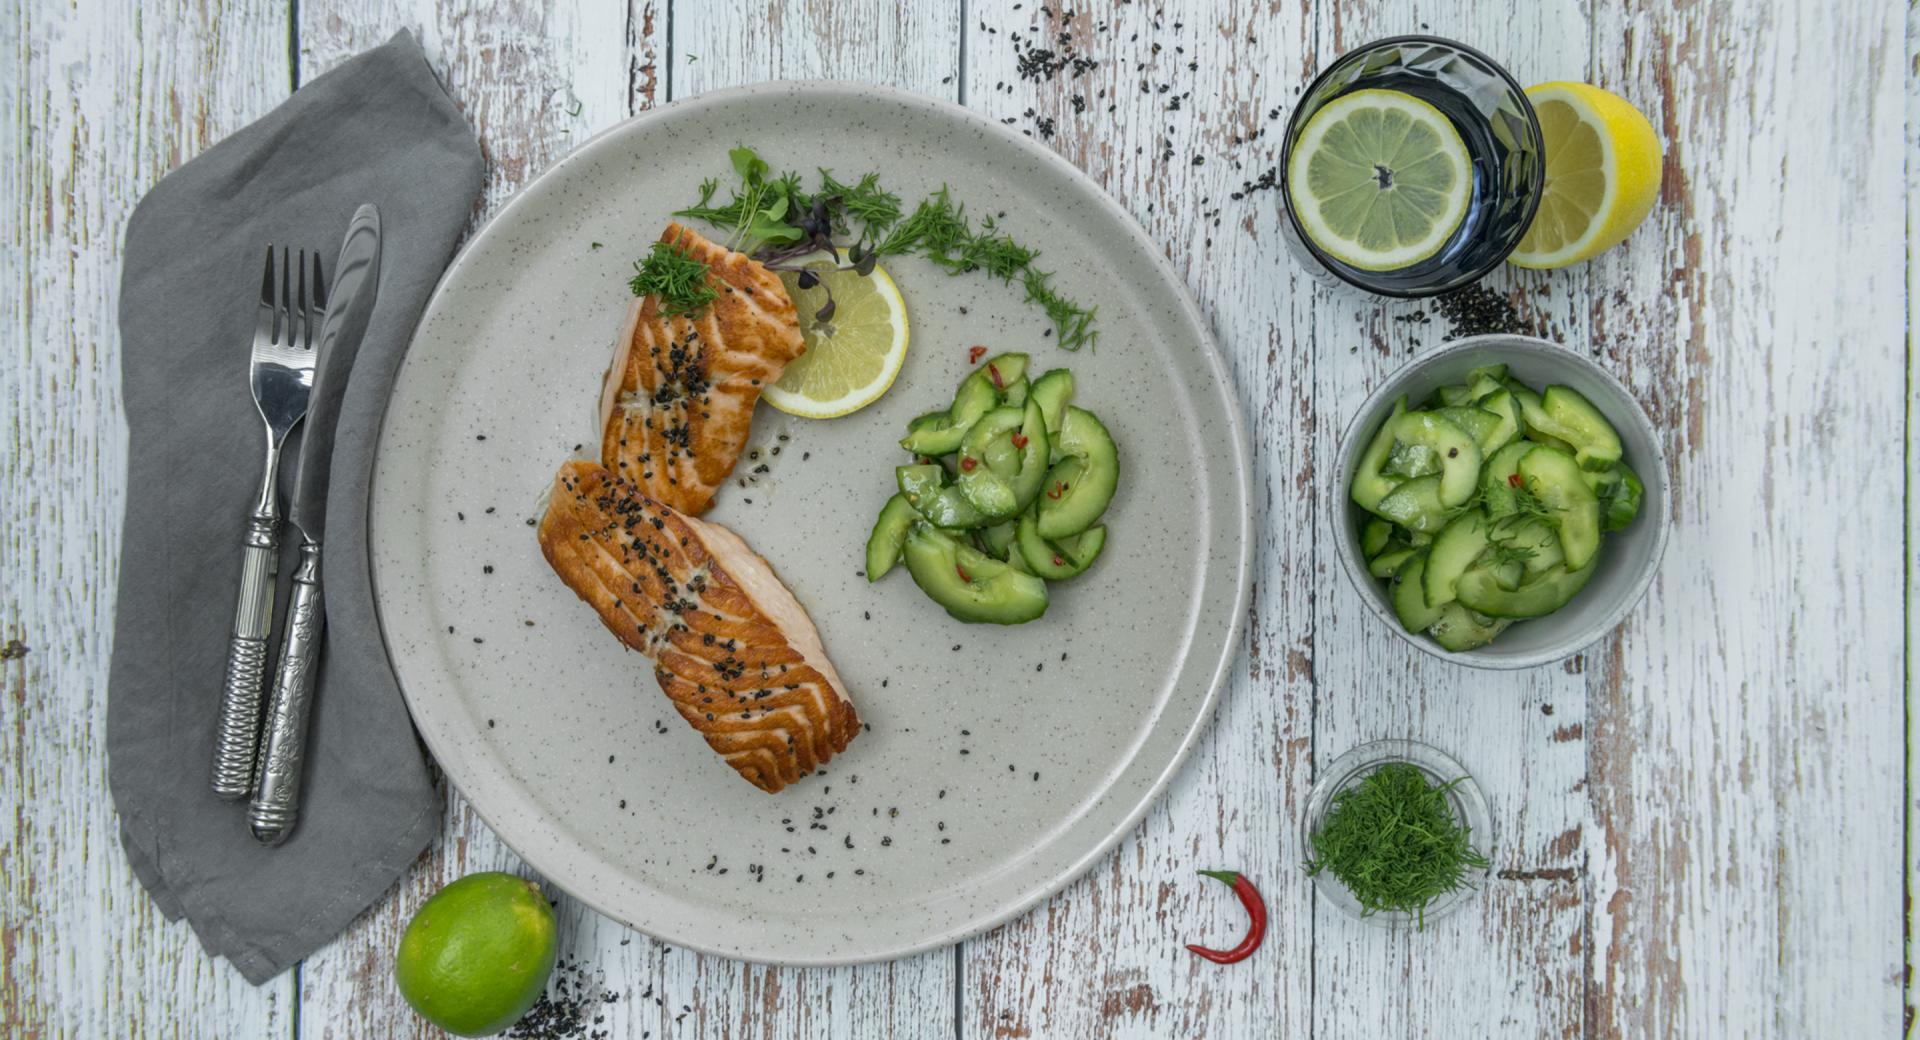 Filetto di salmone con insalata di cetrioli e peperoncino